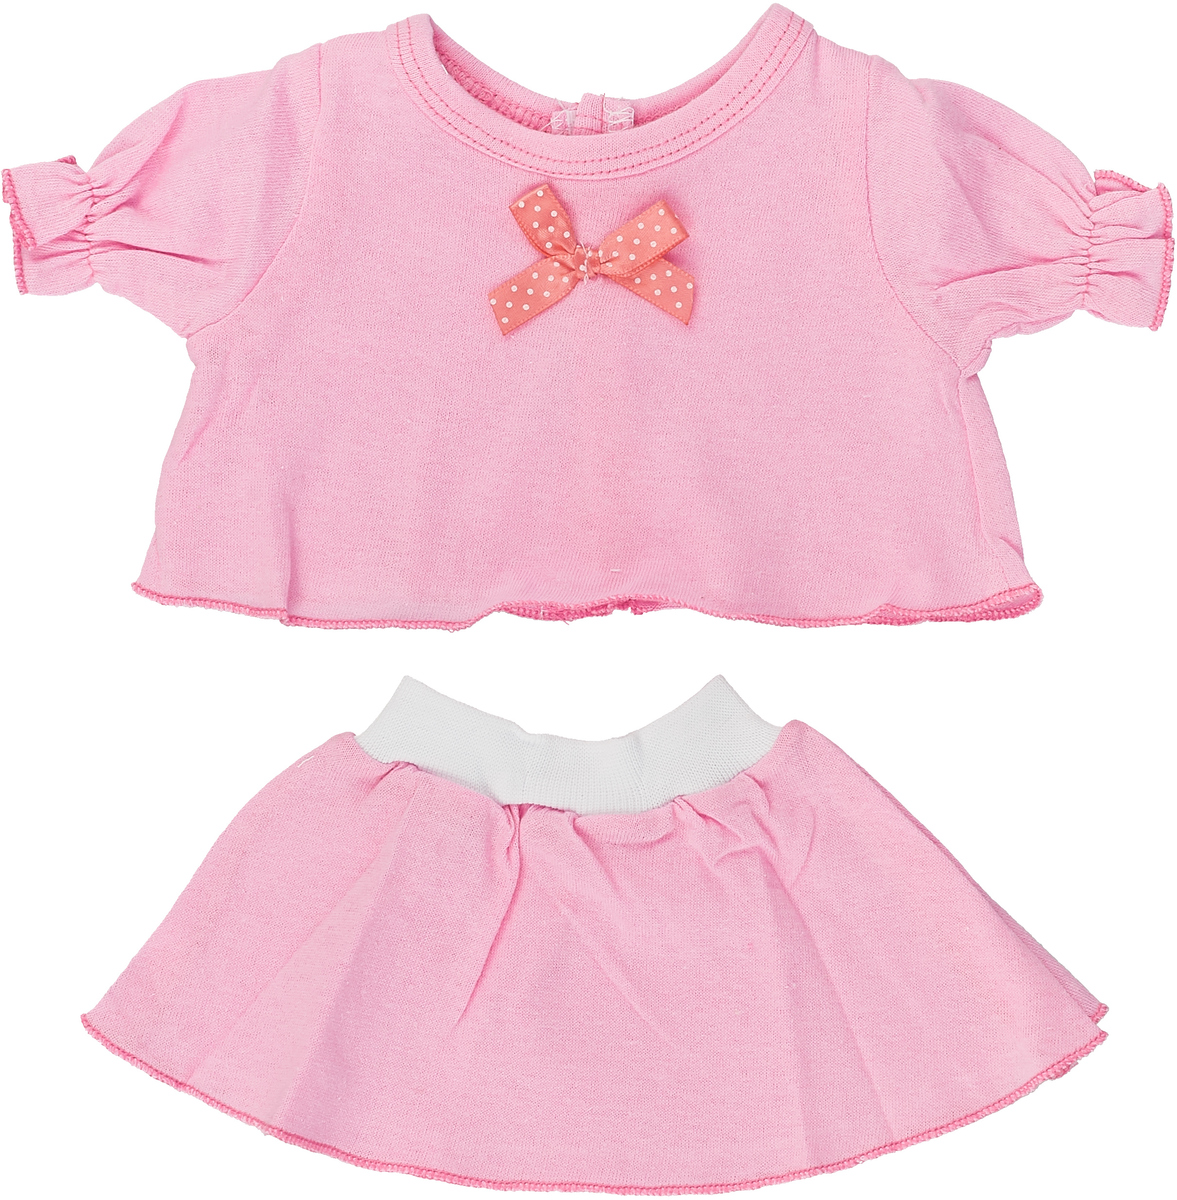 Карапуз Комплект одежды для куклы Футболка и юбка цвет розовый куклы и одежда для кукол карапуз принцесса софия 25 см